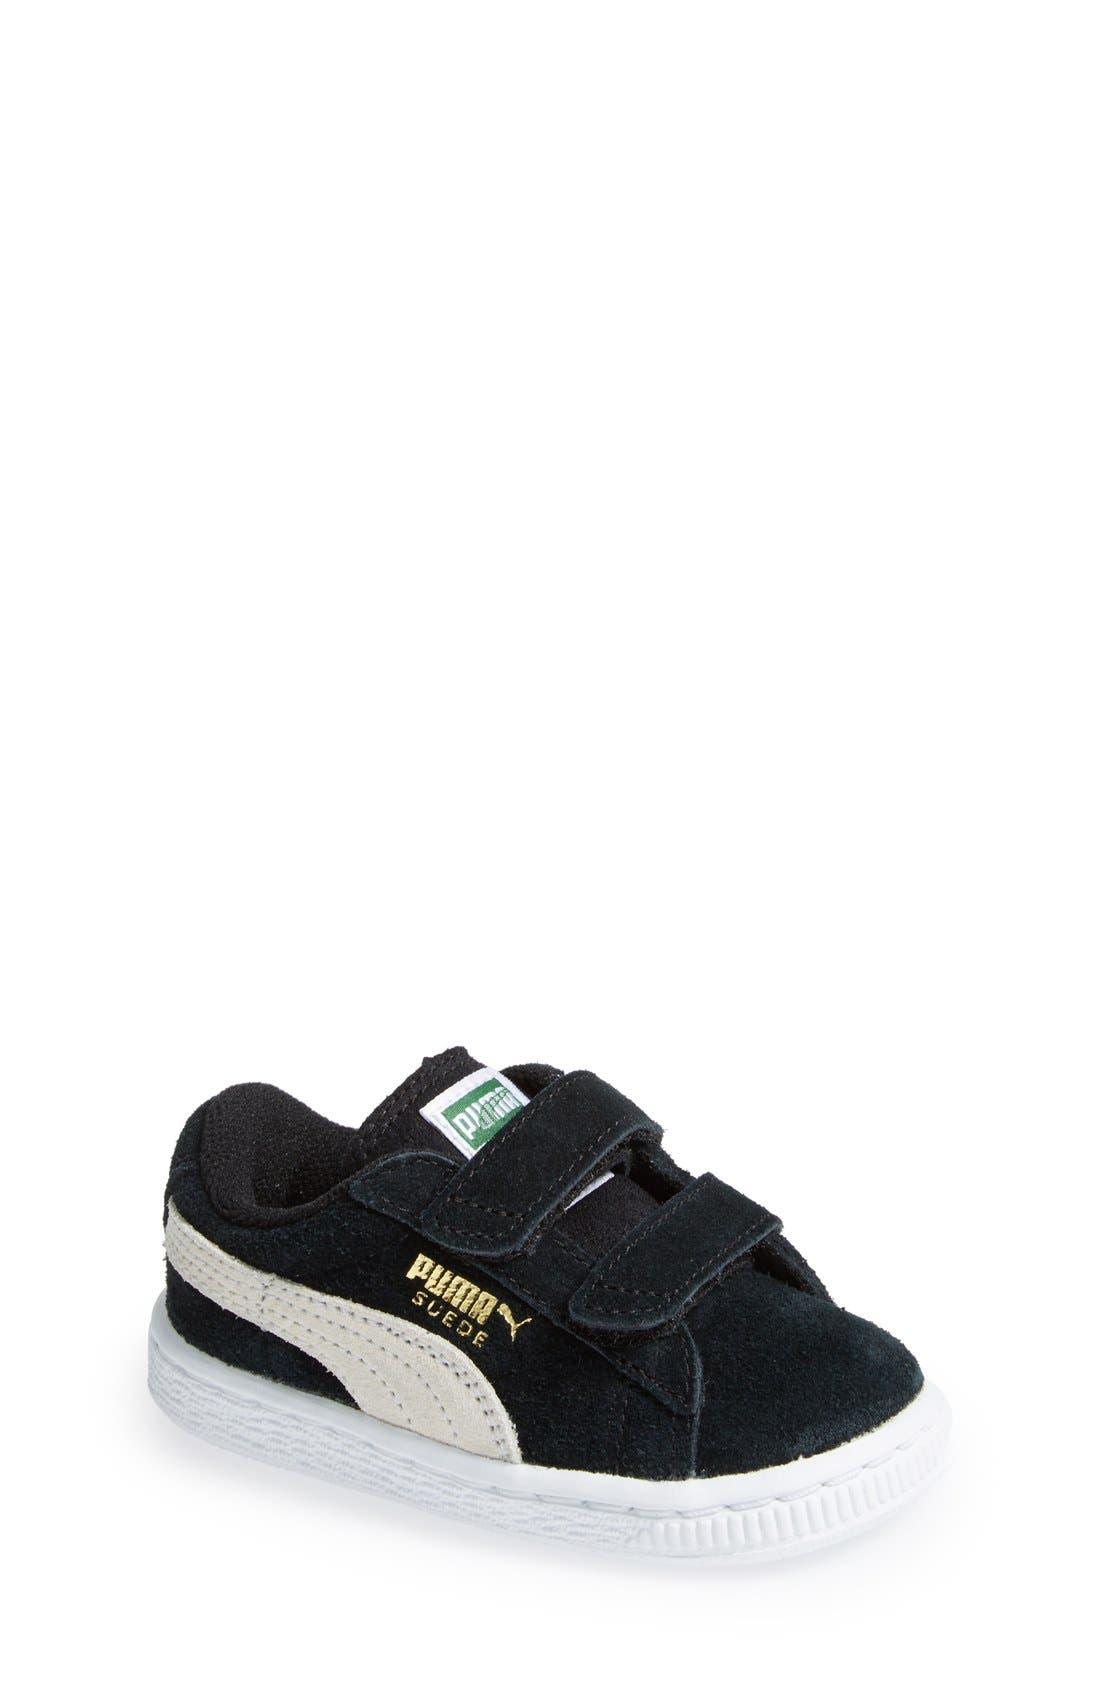 PUMA Suede Sneaker (Walker, Toddler & Little Kid)